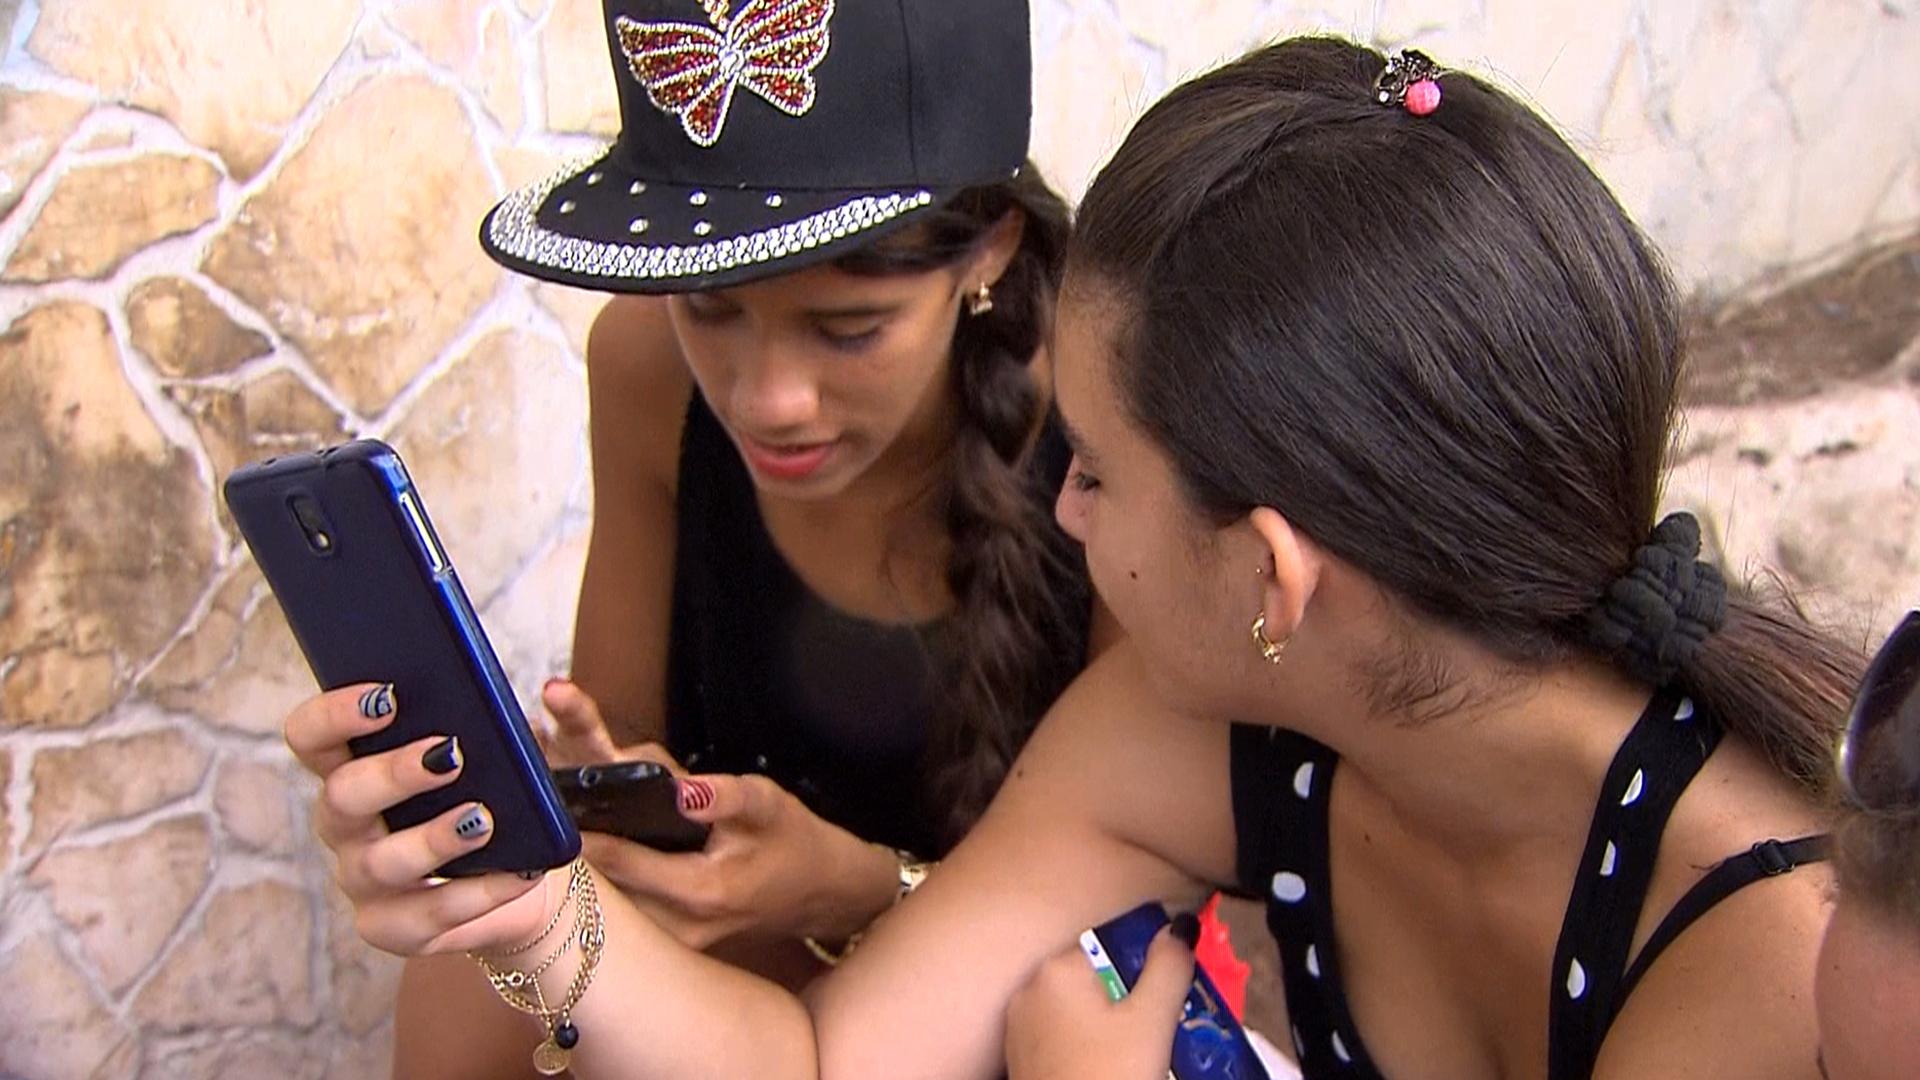 Cuban Internet Usage: Public Wi-Fi Spots Are a Big Draw